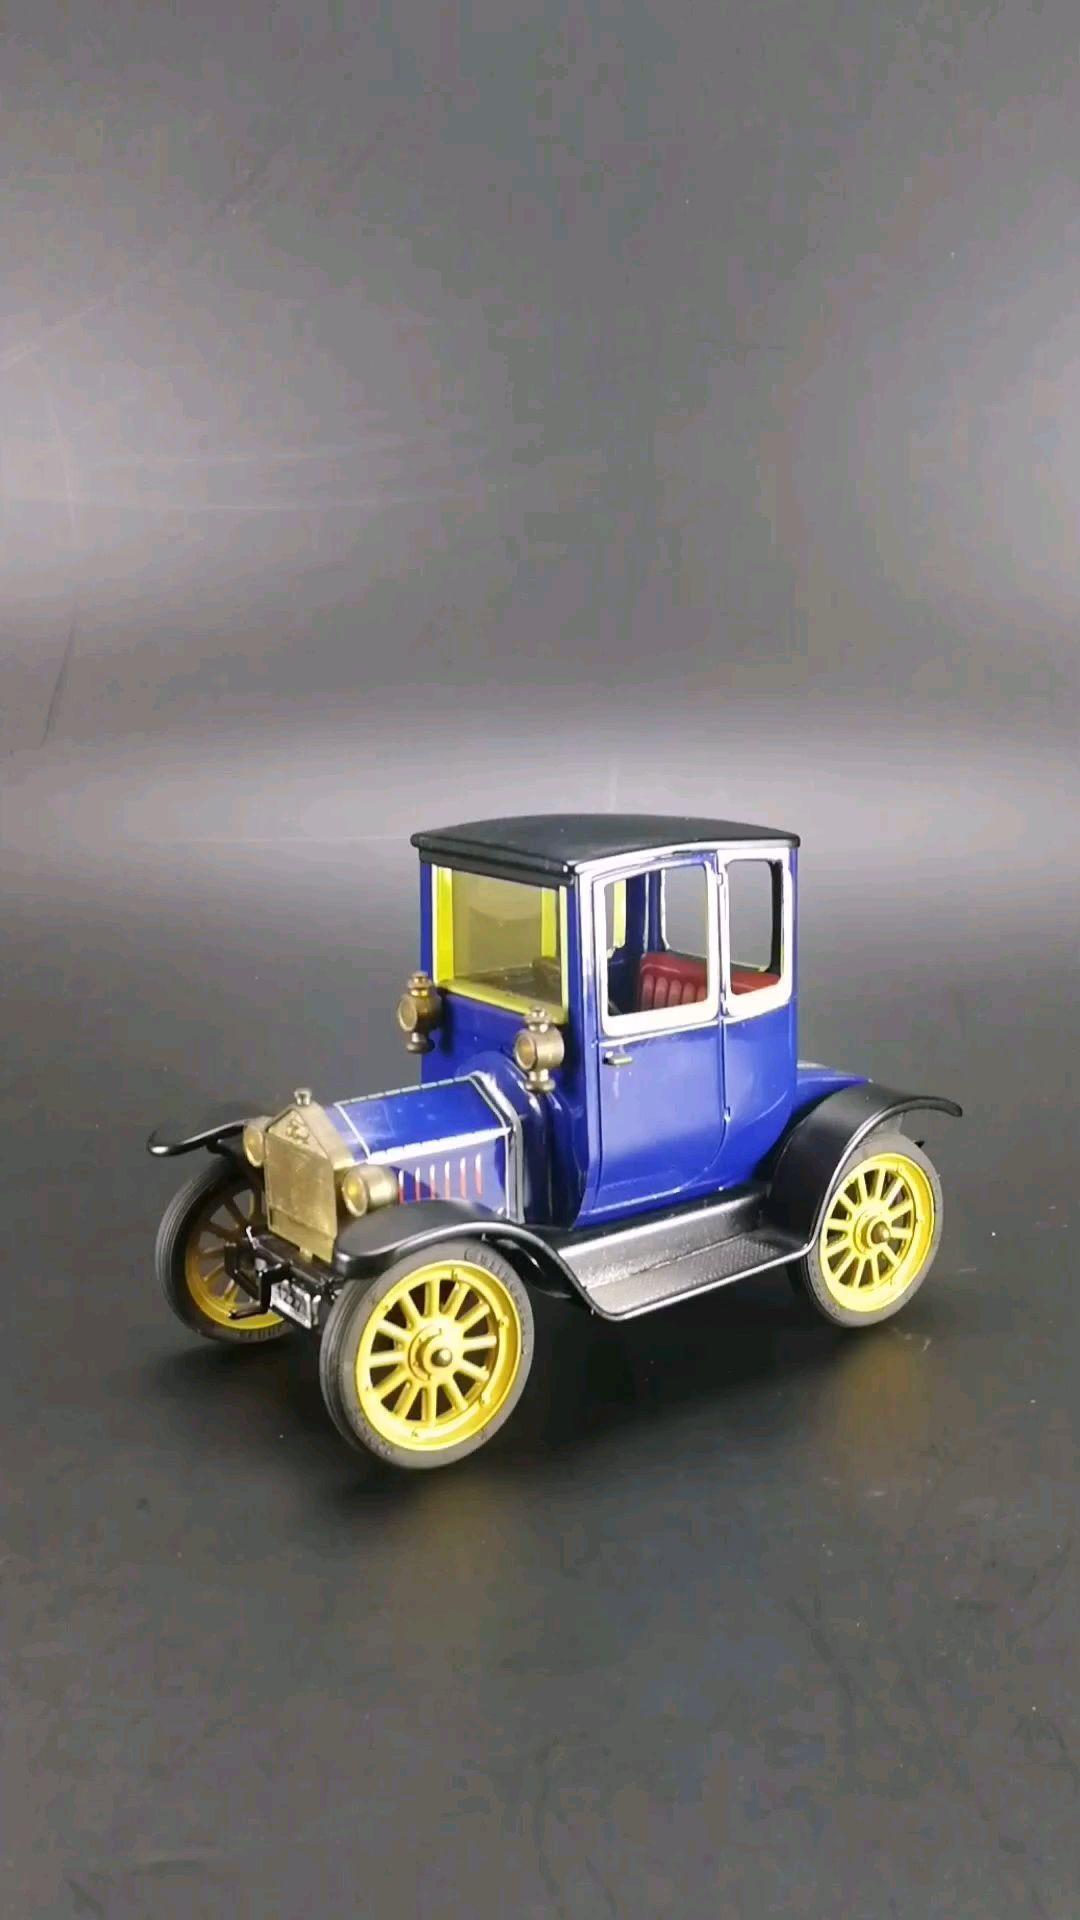 1917福特T型医生车,1:24比例铁皮玩具车,上发条可以走动。东晓汽车模型收藏馆藏品。